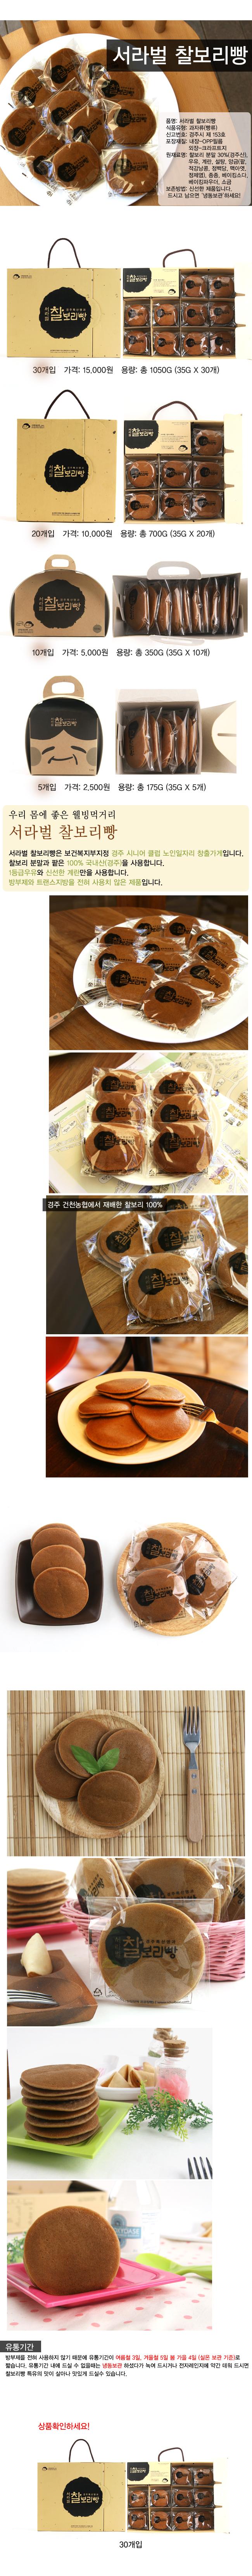 서라벌찰보리빵30개입 - 서라벌찰보리빵, 15,000원, 쿠키/케익/빵, 빵